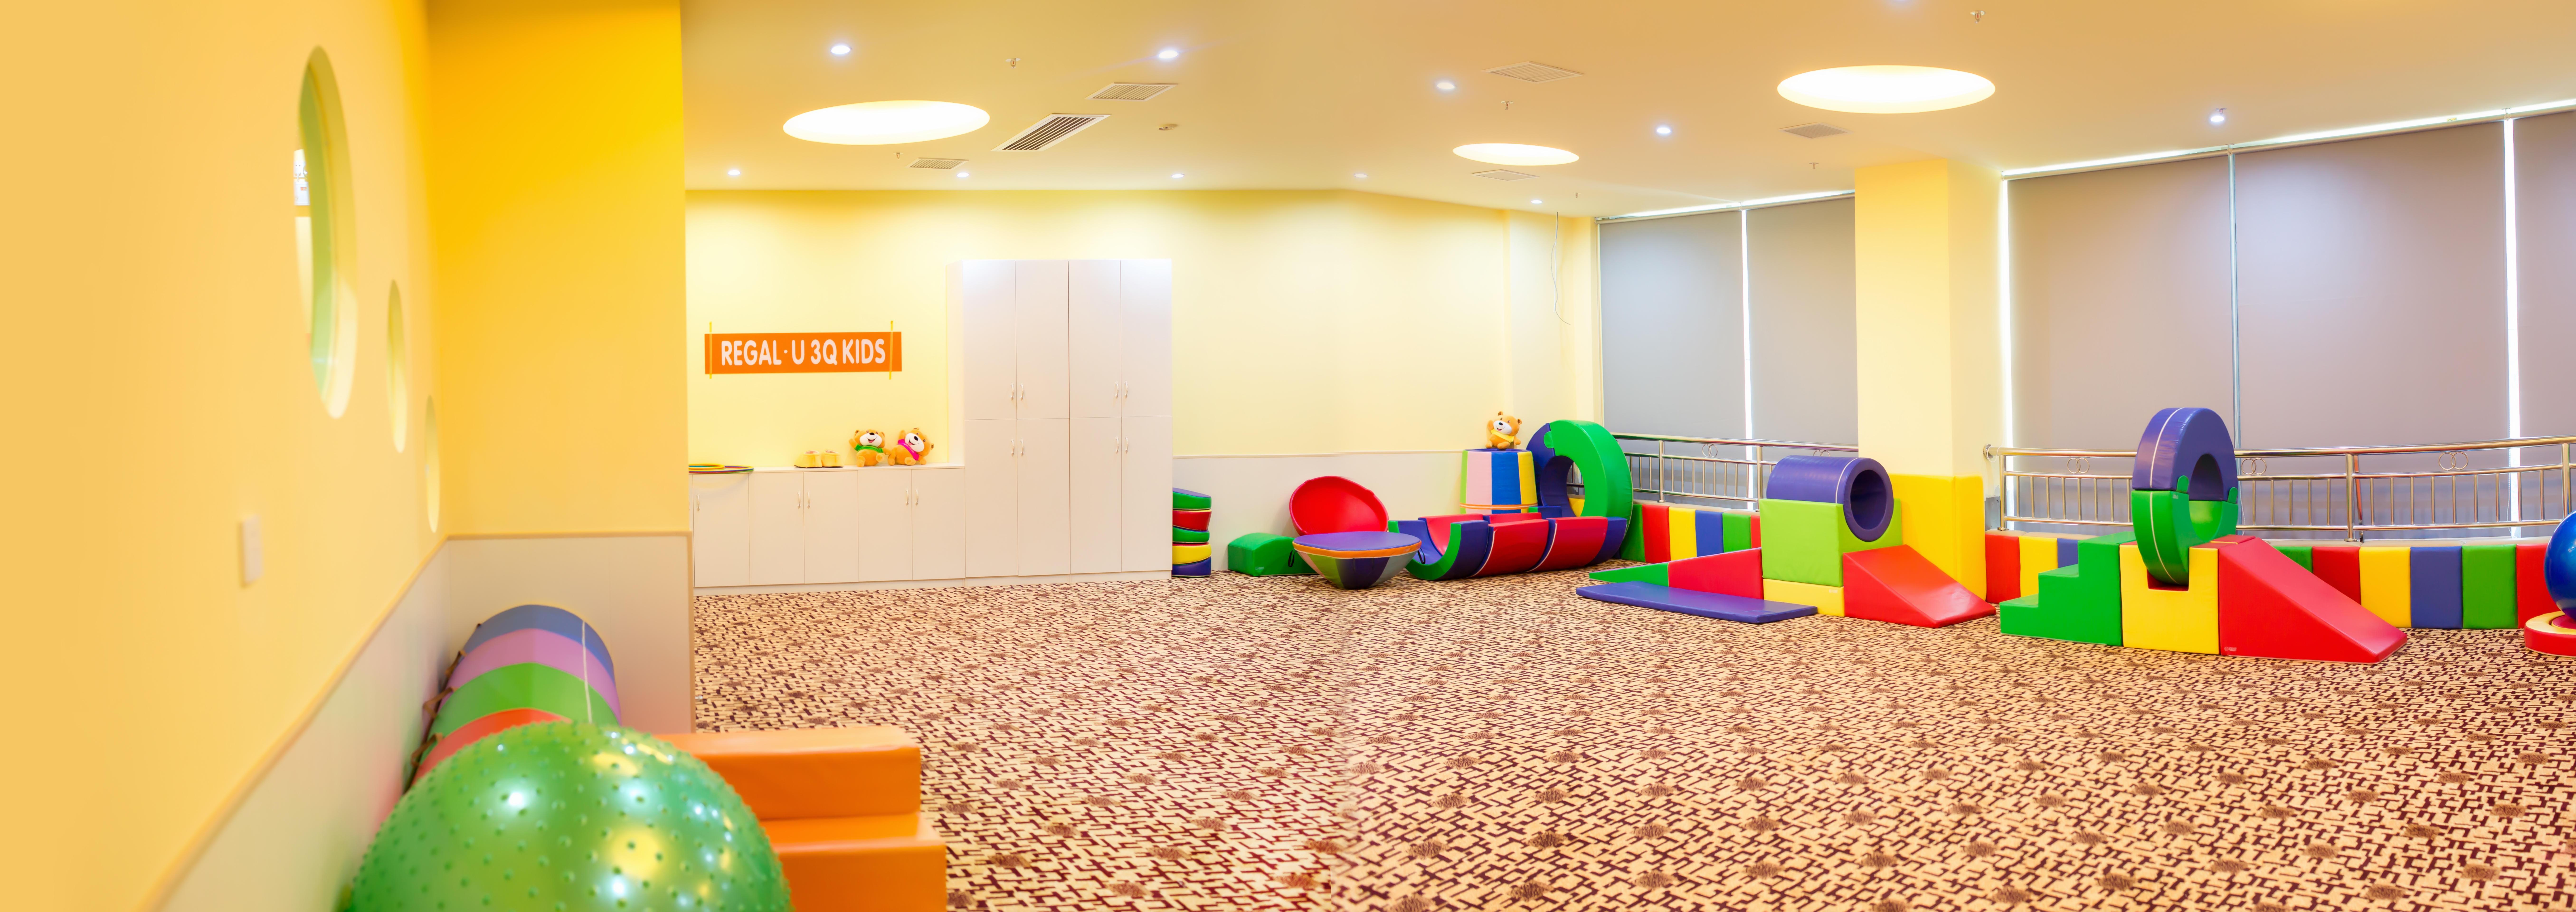 郴州瑞格优,0-8岁儿童潜能开发中心